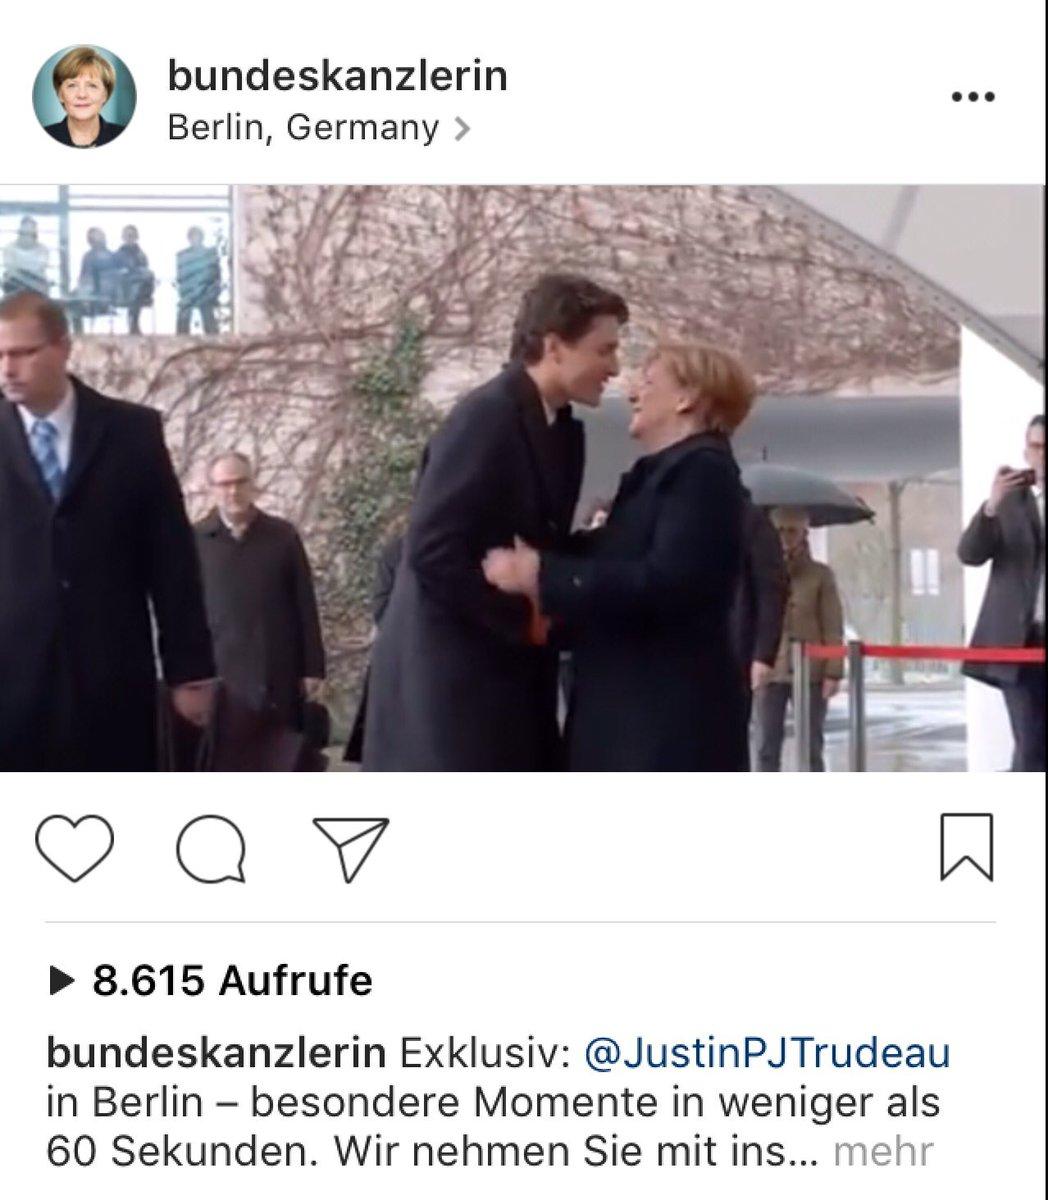 Lohnt sich heute, der Bundeskanzlerin bei Instagram zu folgen. https://t.co/AVEbe9Zt6y